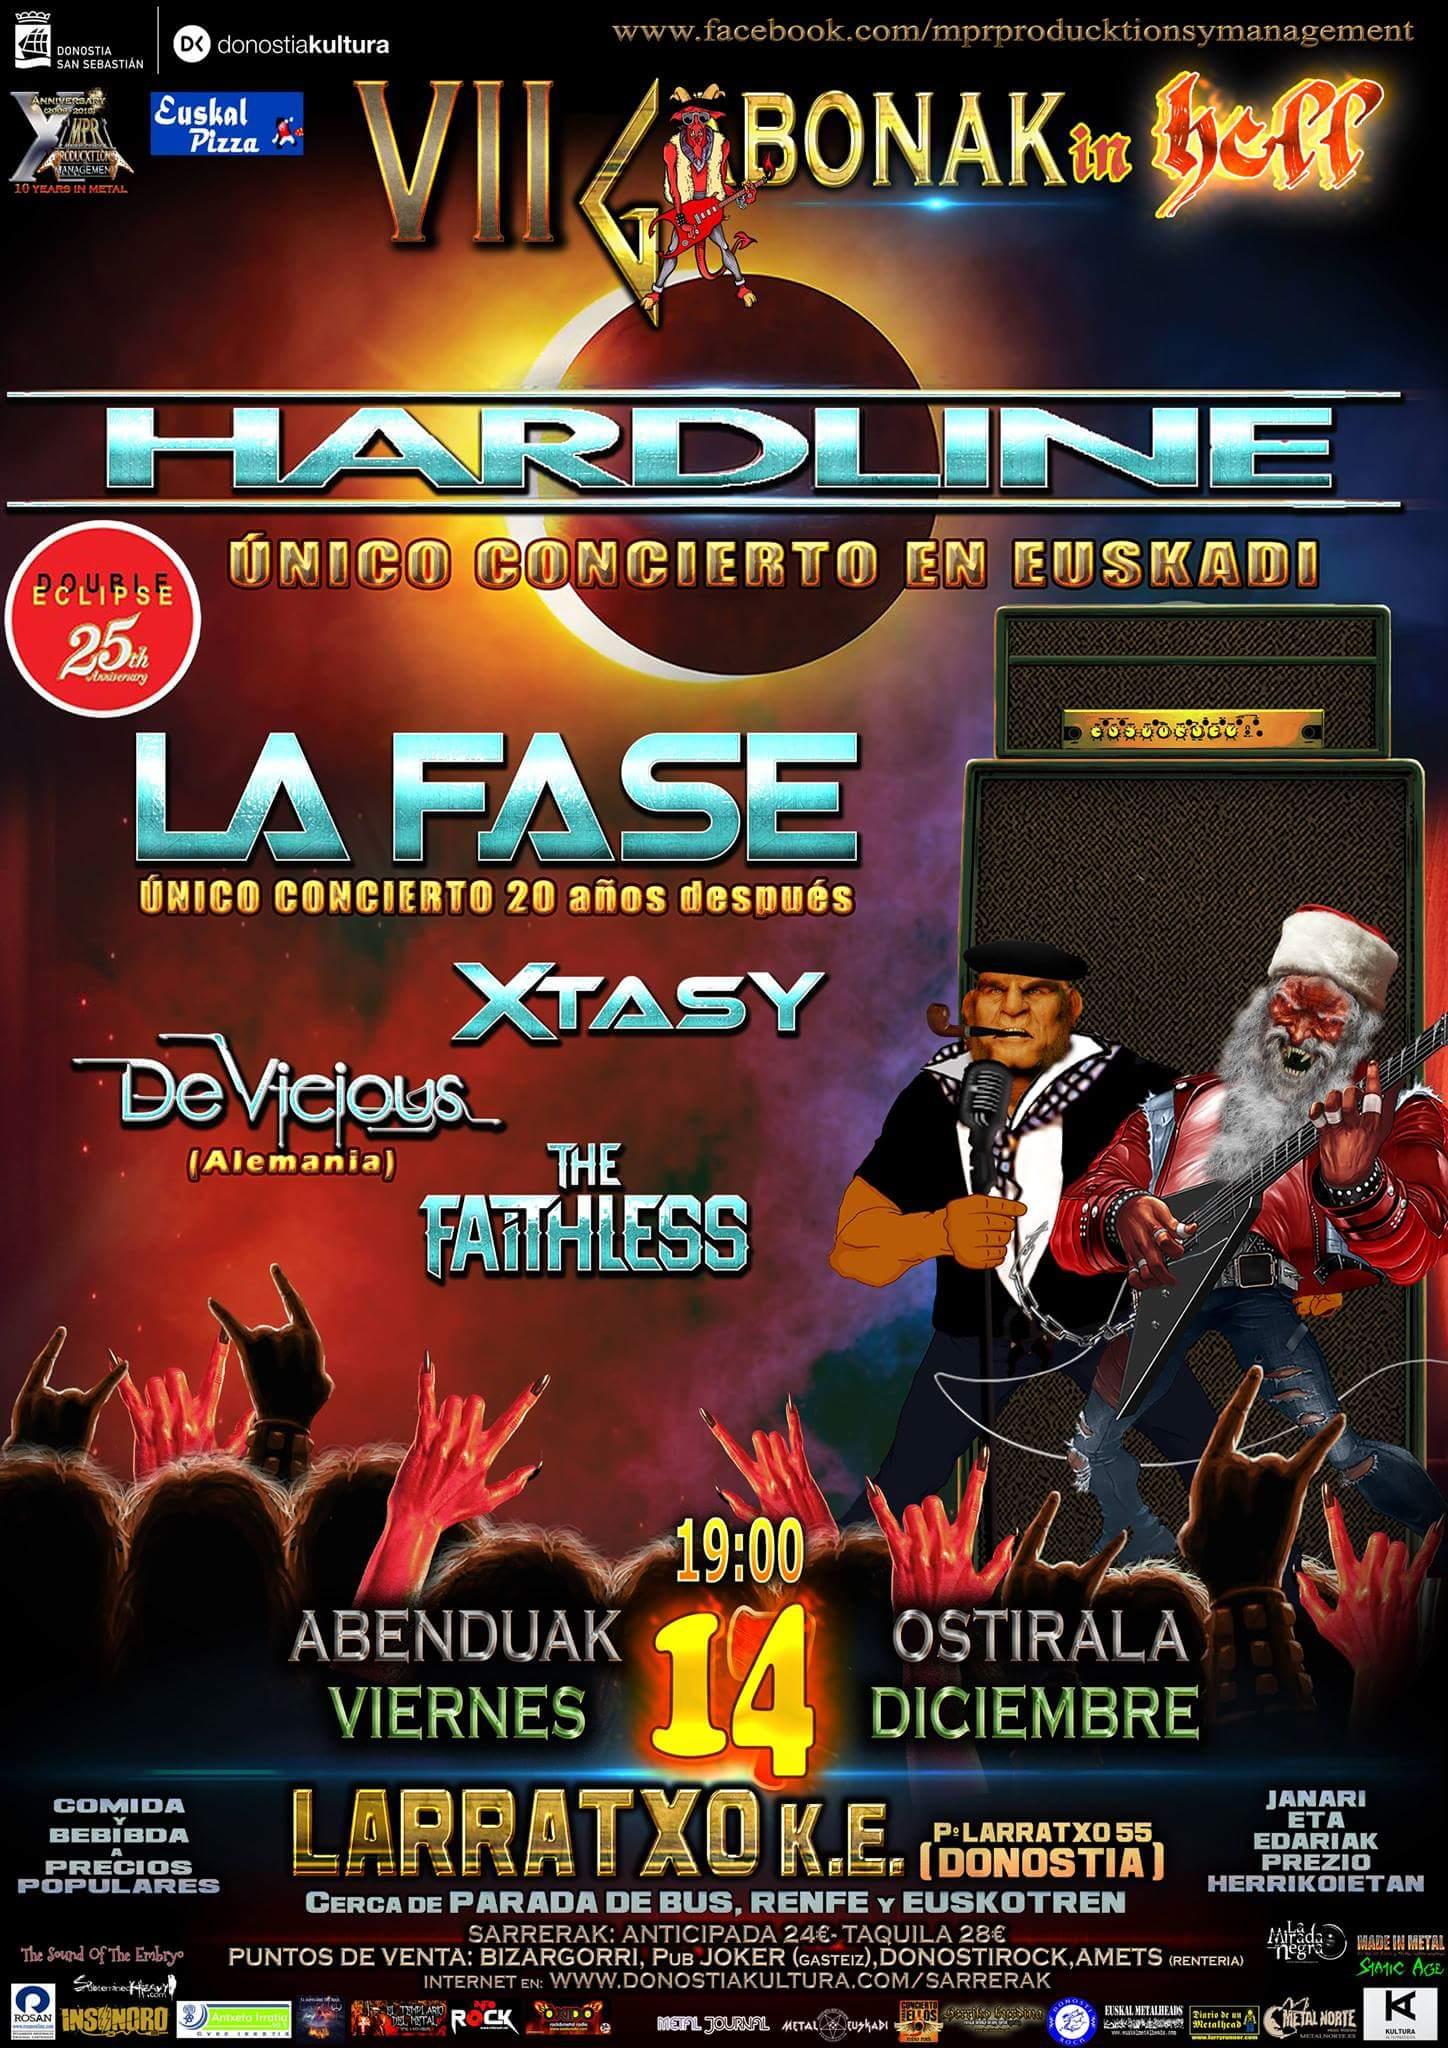 Hardline La Fase Xtasy 2018